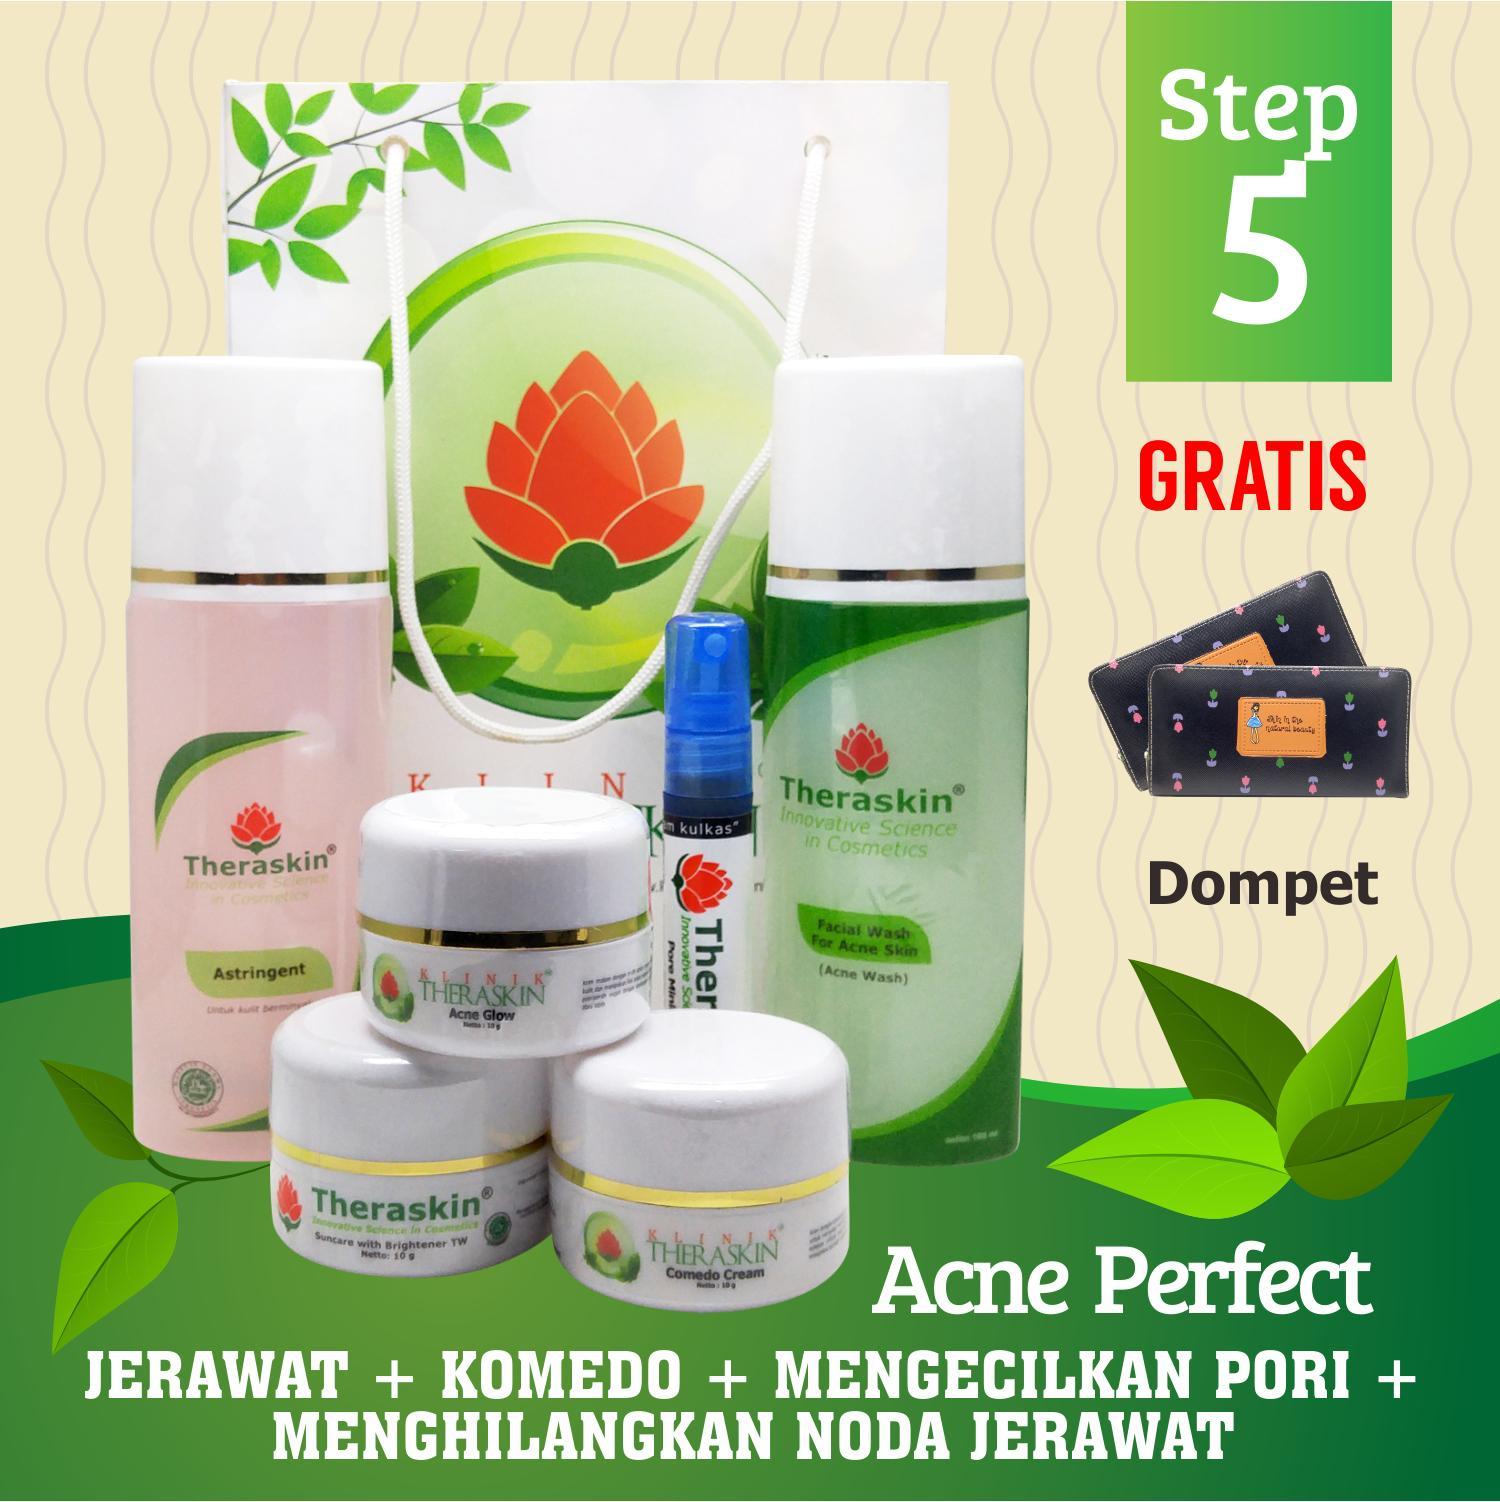 Paket Theraskin Acne Perfect Glowing Flek Step 5 / Paket Theraskin Jerawat + Komedo + Mengecilkan Pori - Pori + Gratis Dompet